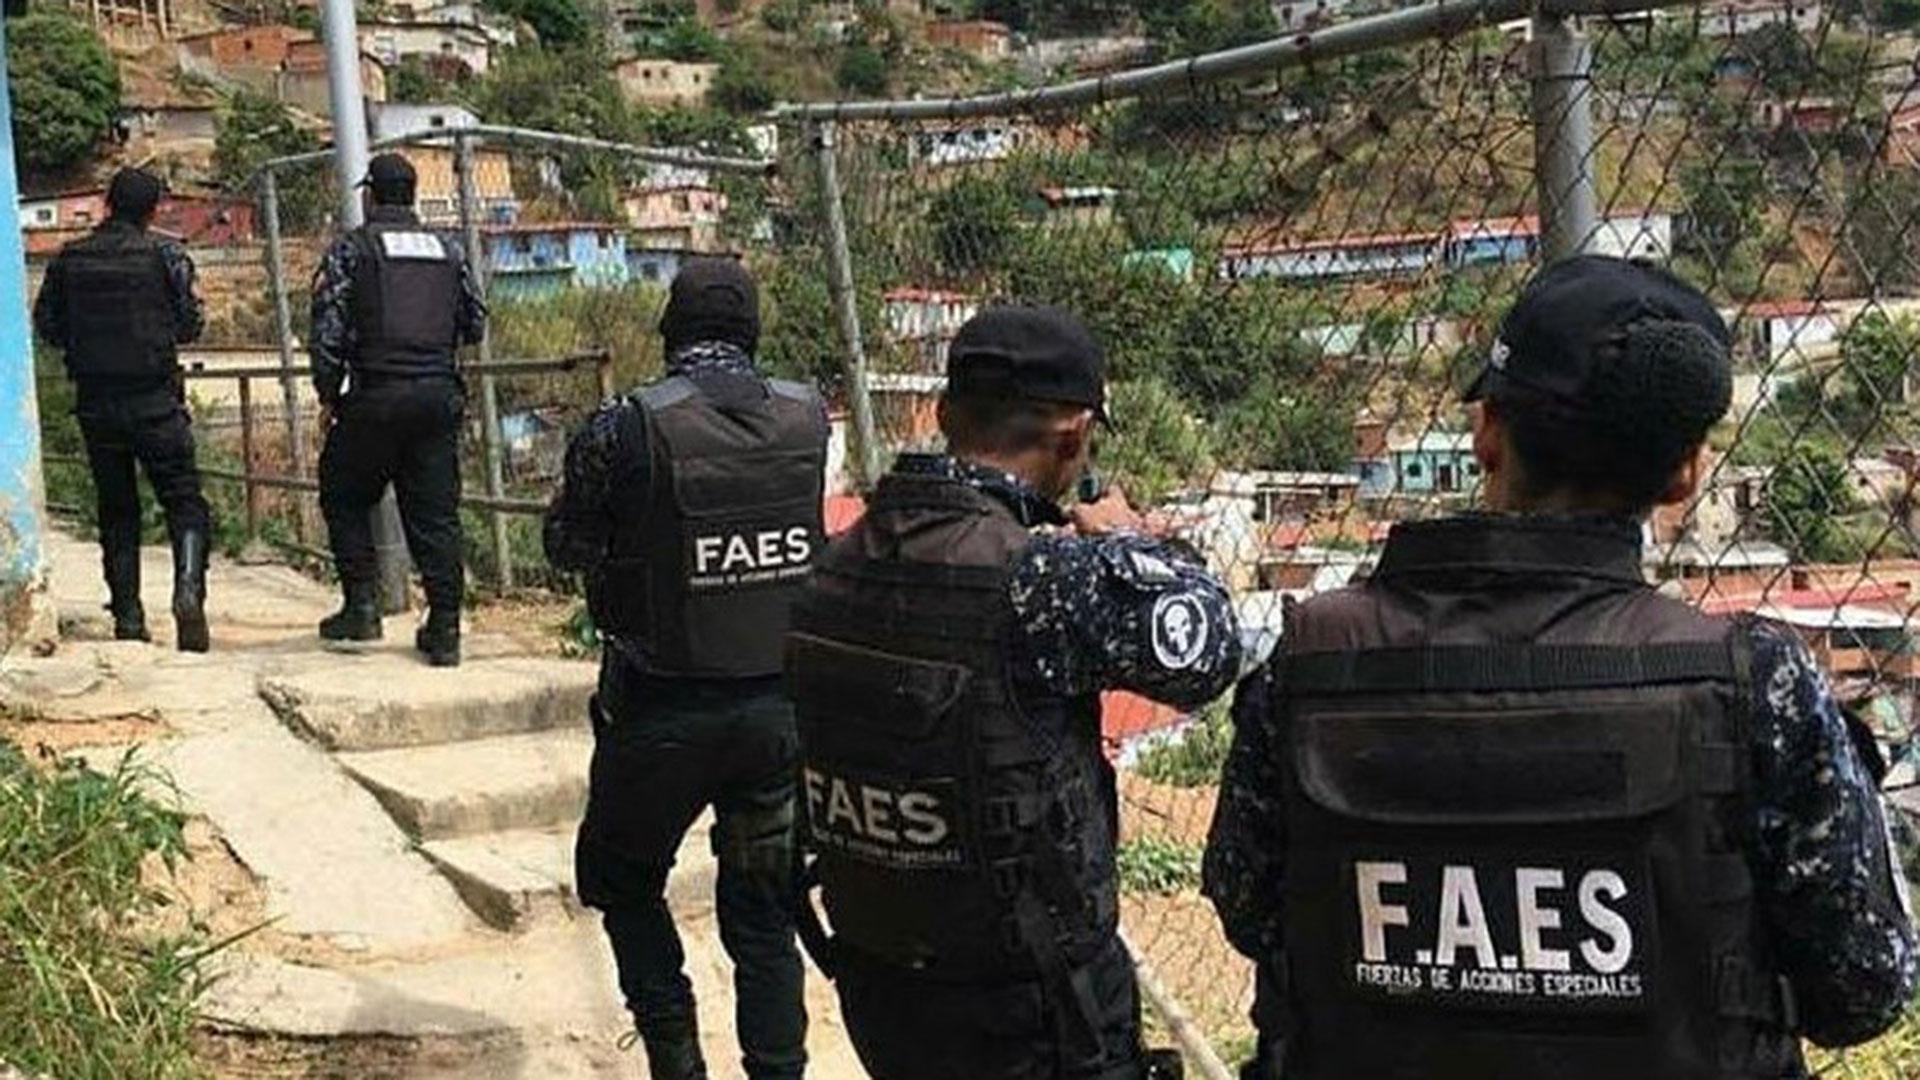 Cómo los colectivos chavistas lograron que la Fiscalía arreste a  integrantes de FAES que asesinaron a cinco hombres en Venezuela - Infobae